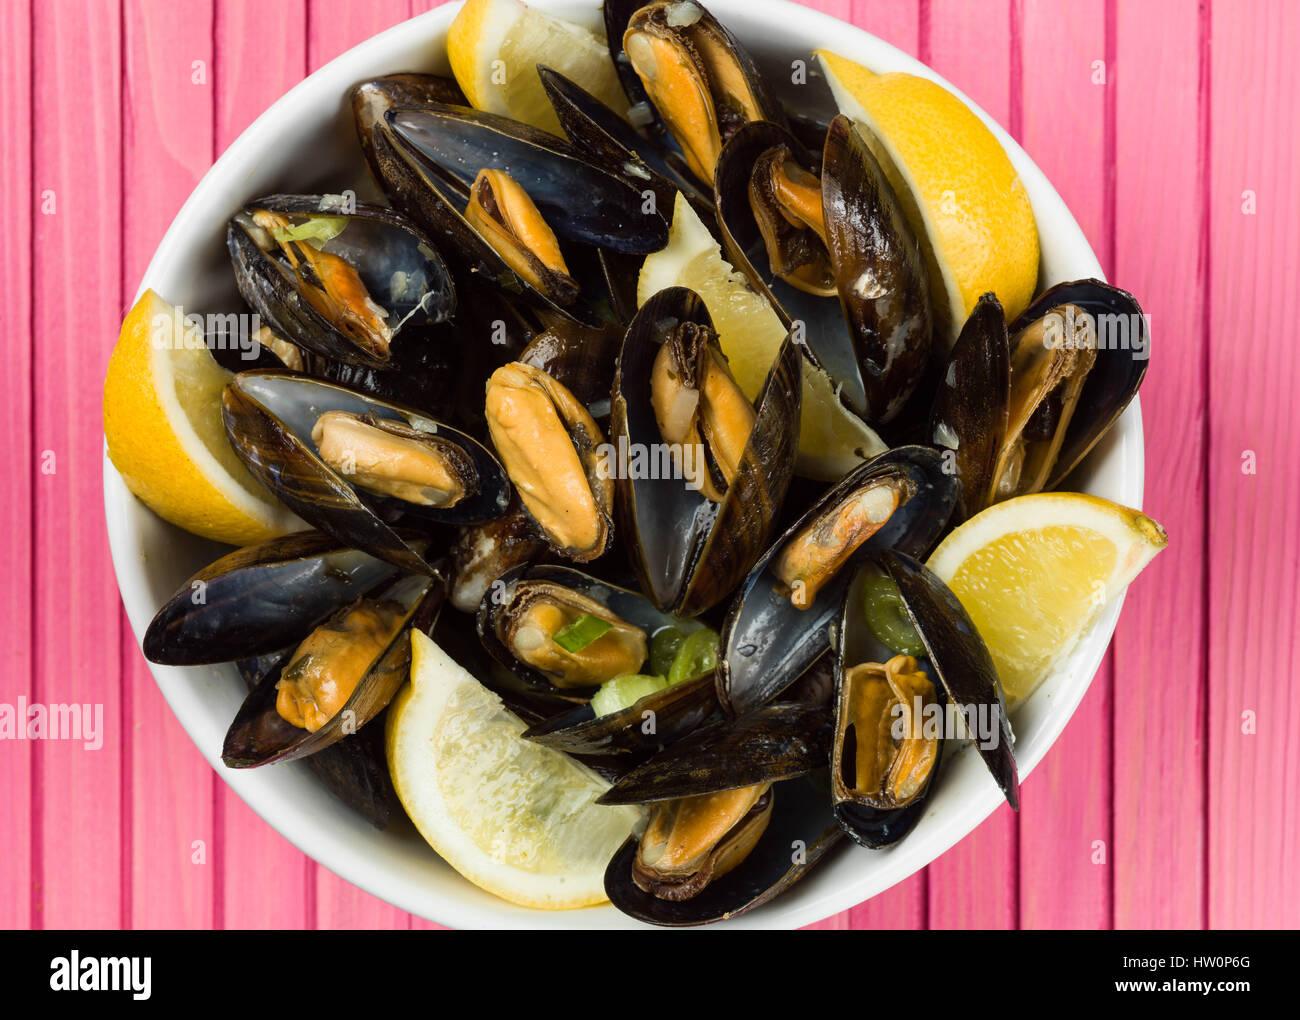 Muscheln in einer Knoblauch und Schalotten-Sauce mit Zitronenscheiben gewachsen Seil Stockfoto